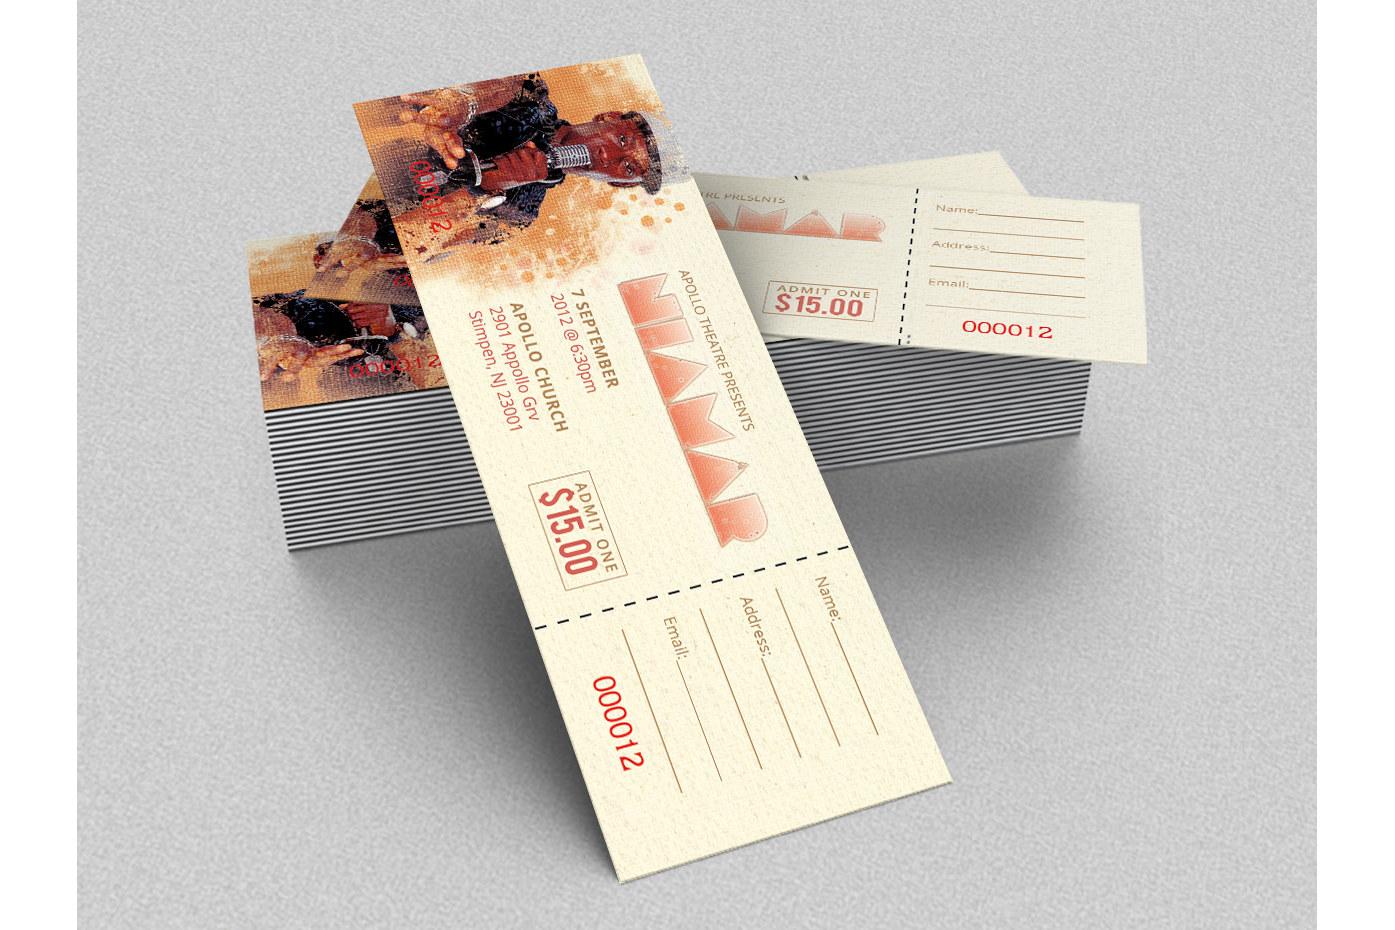 Concert Ticket Template by Godserv Desi | Design Bundles